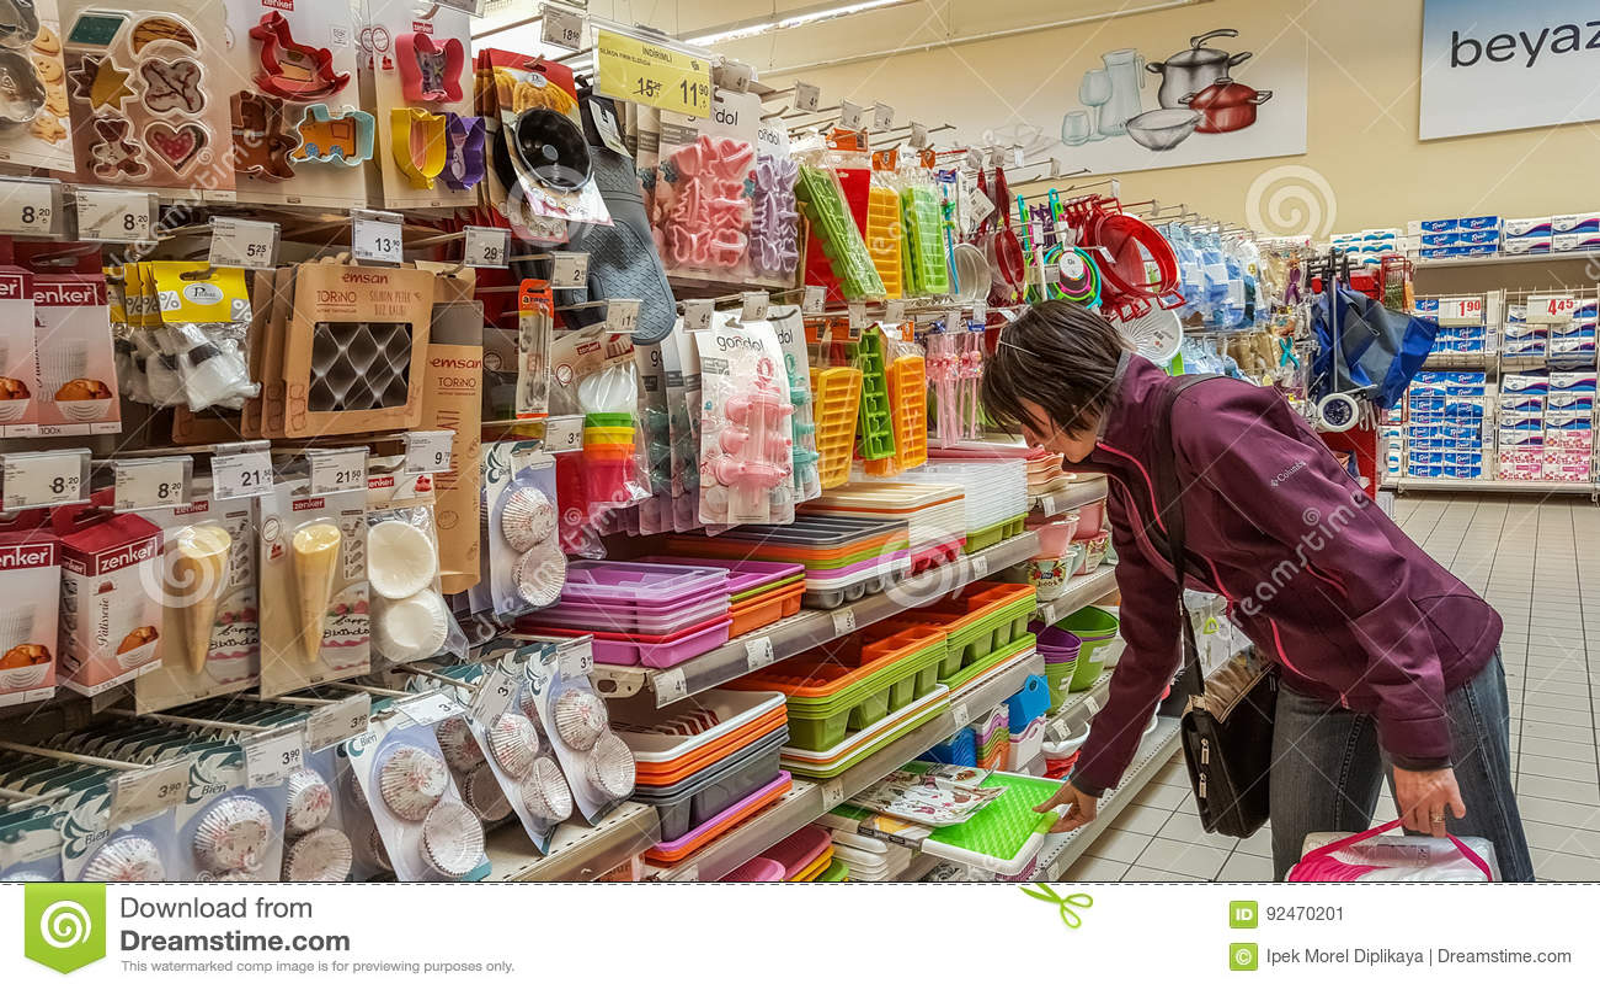 Gemütlich Küchengeräte Verkauf Fotos - Ideen Für Die Küche ...